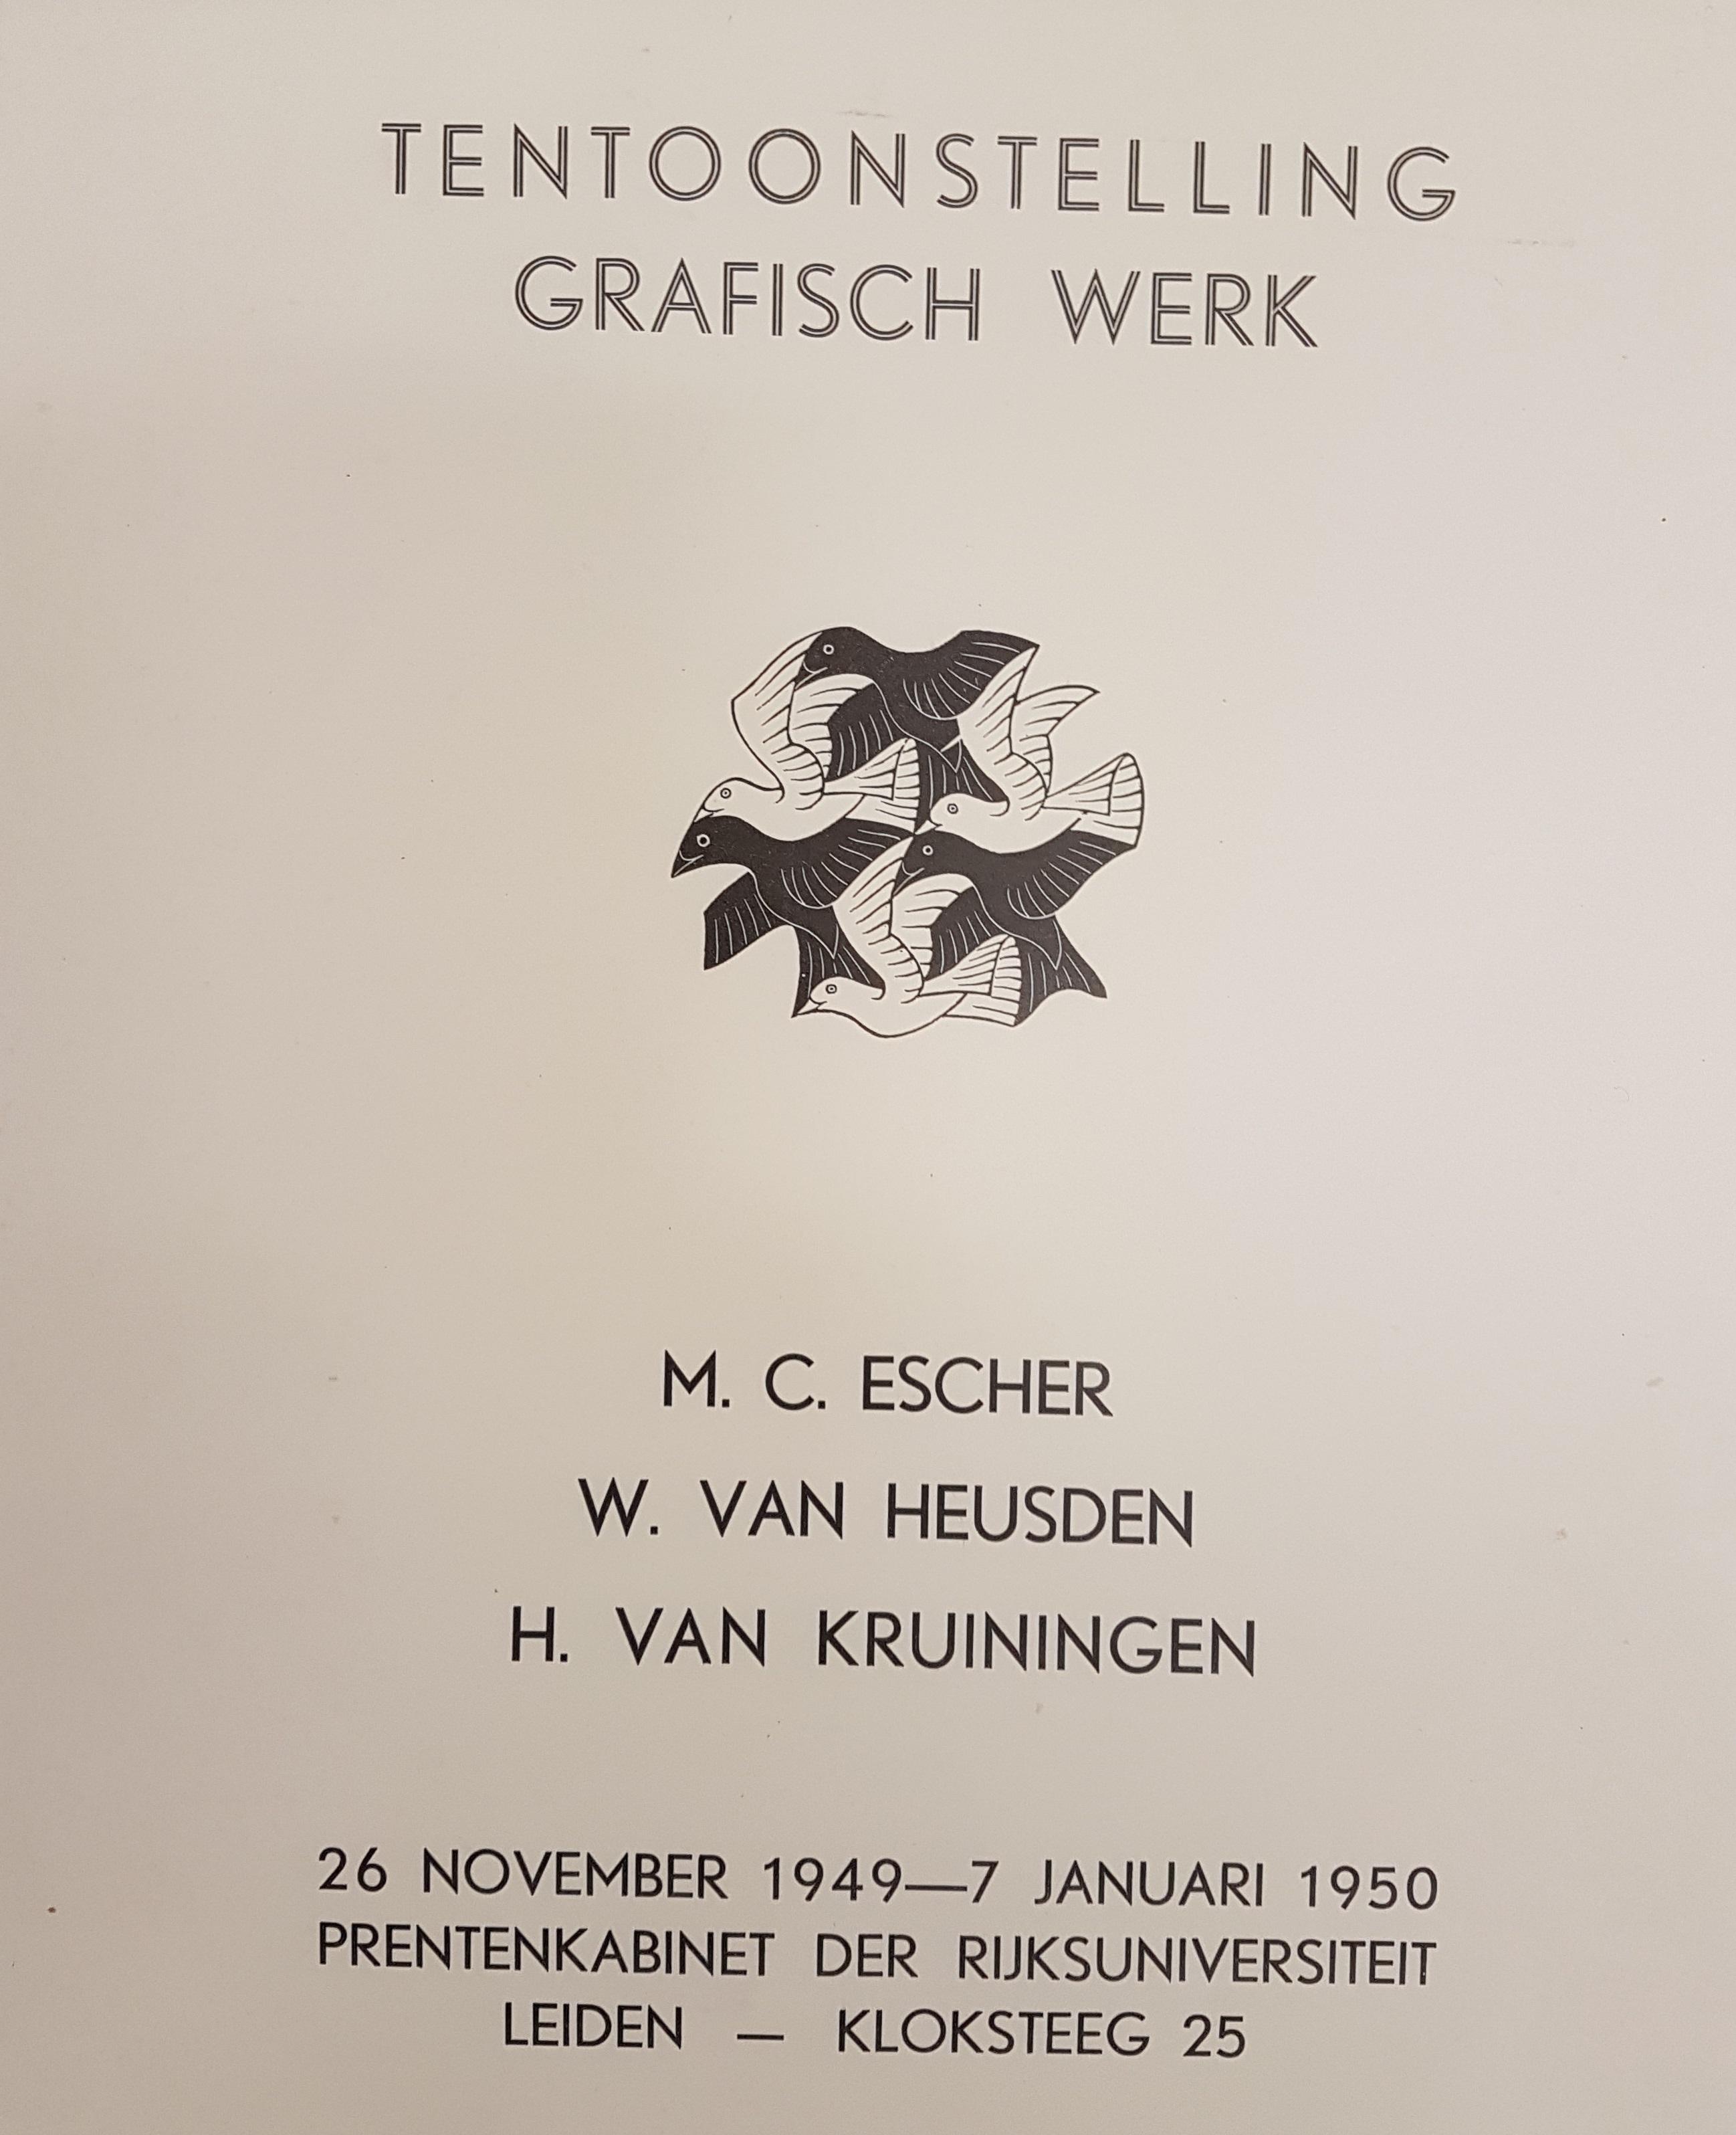 Zeldzaam Affiche expositie Prentenkabinet Leiden 1949-1950